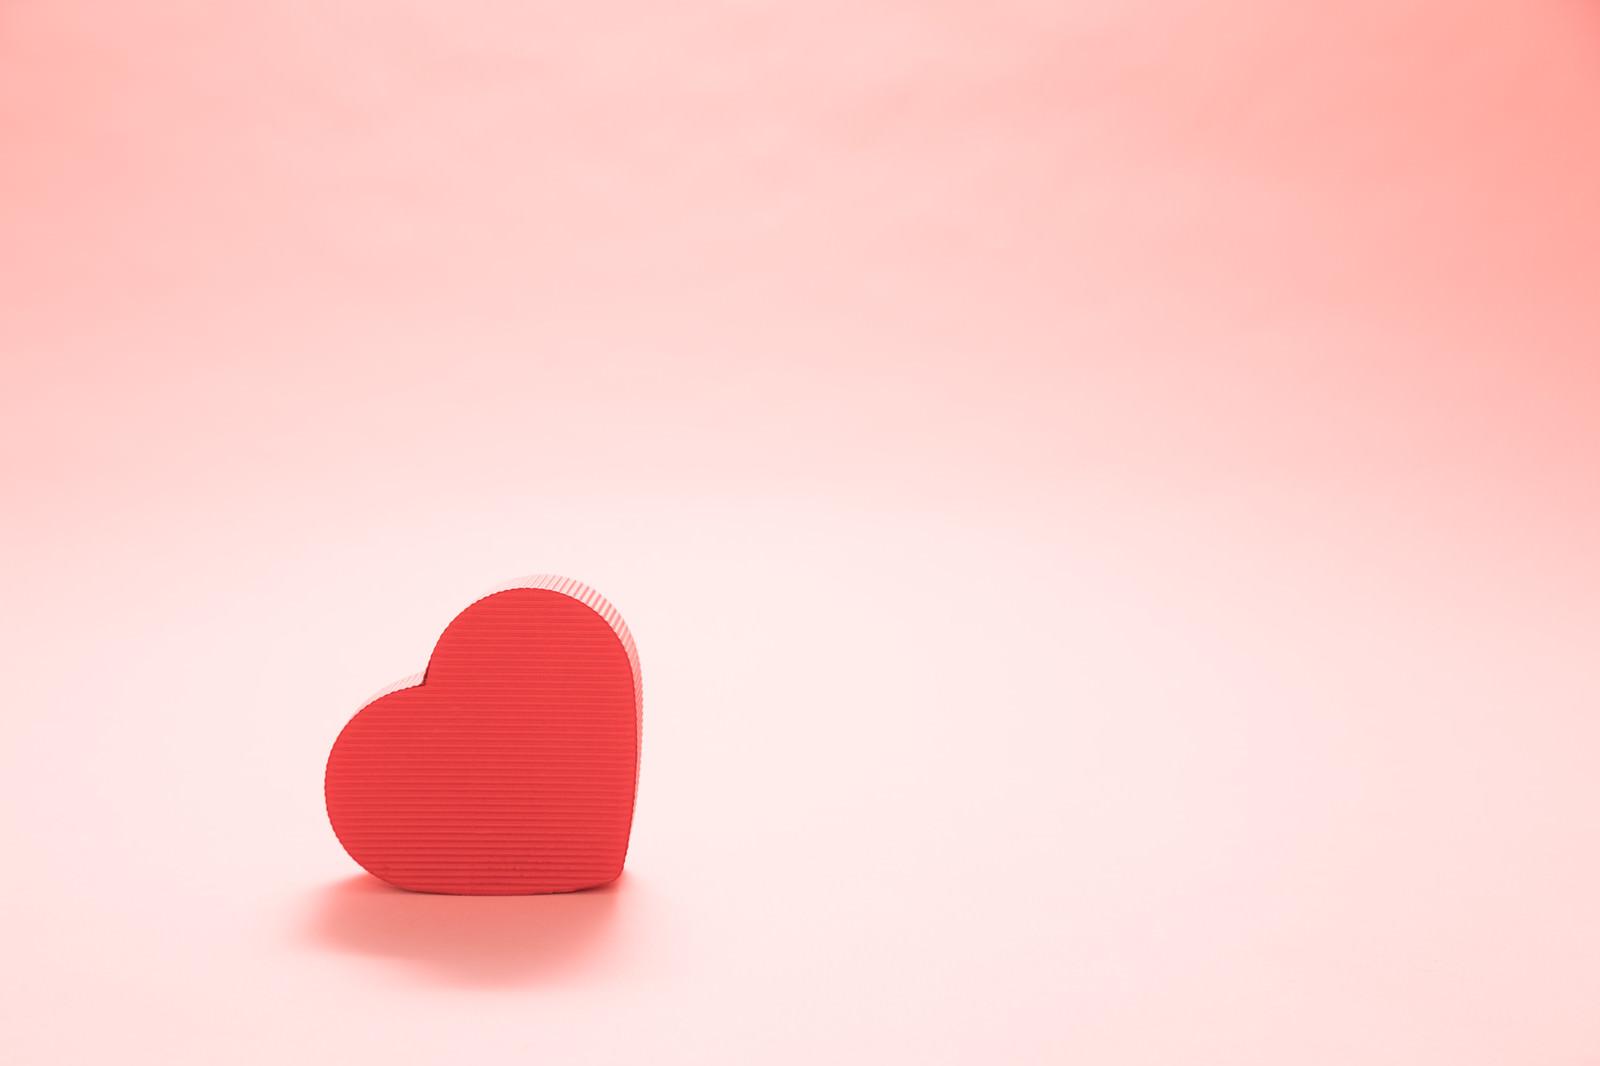 「バレンタインに使われやすいハート | 写真の無料素材・フリー素材 - ぱくたそ」の写真